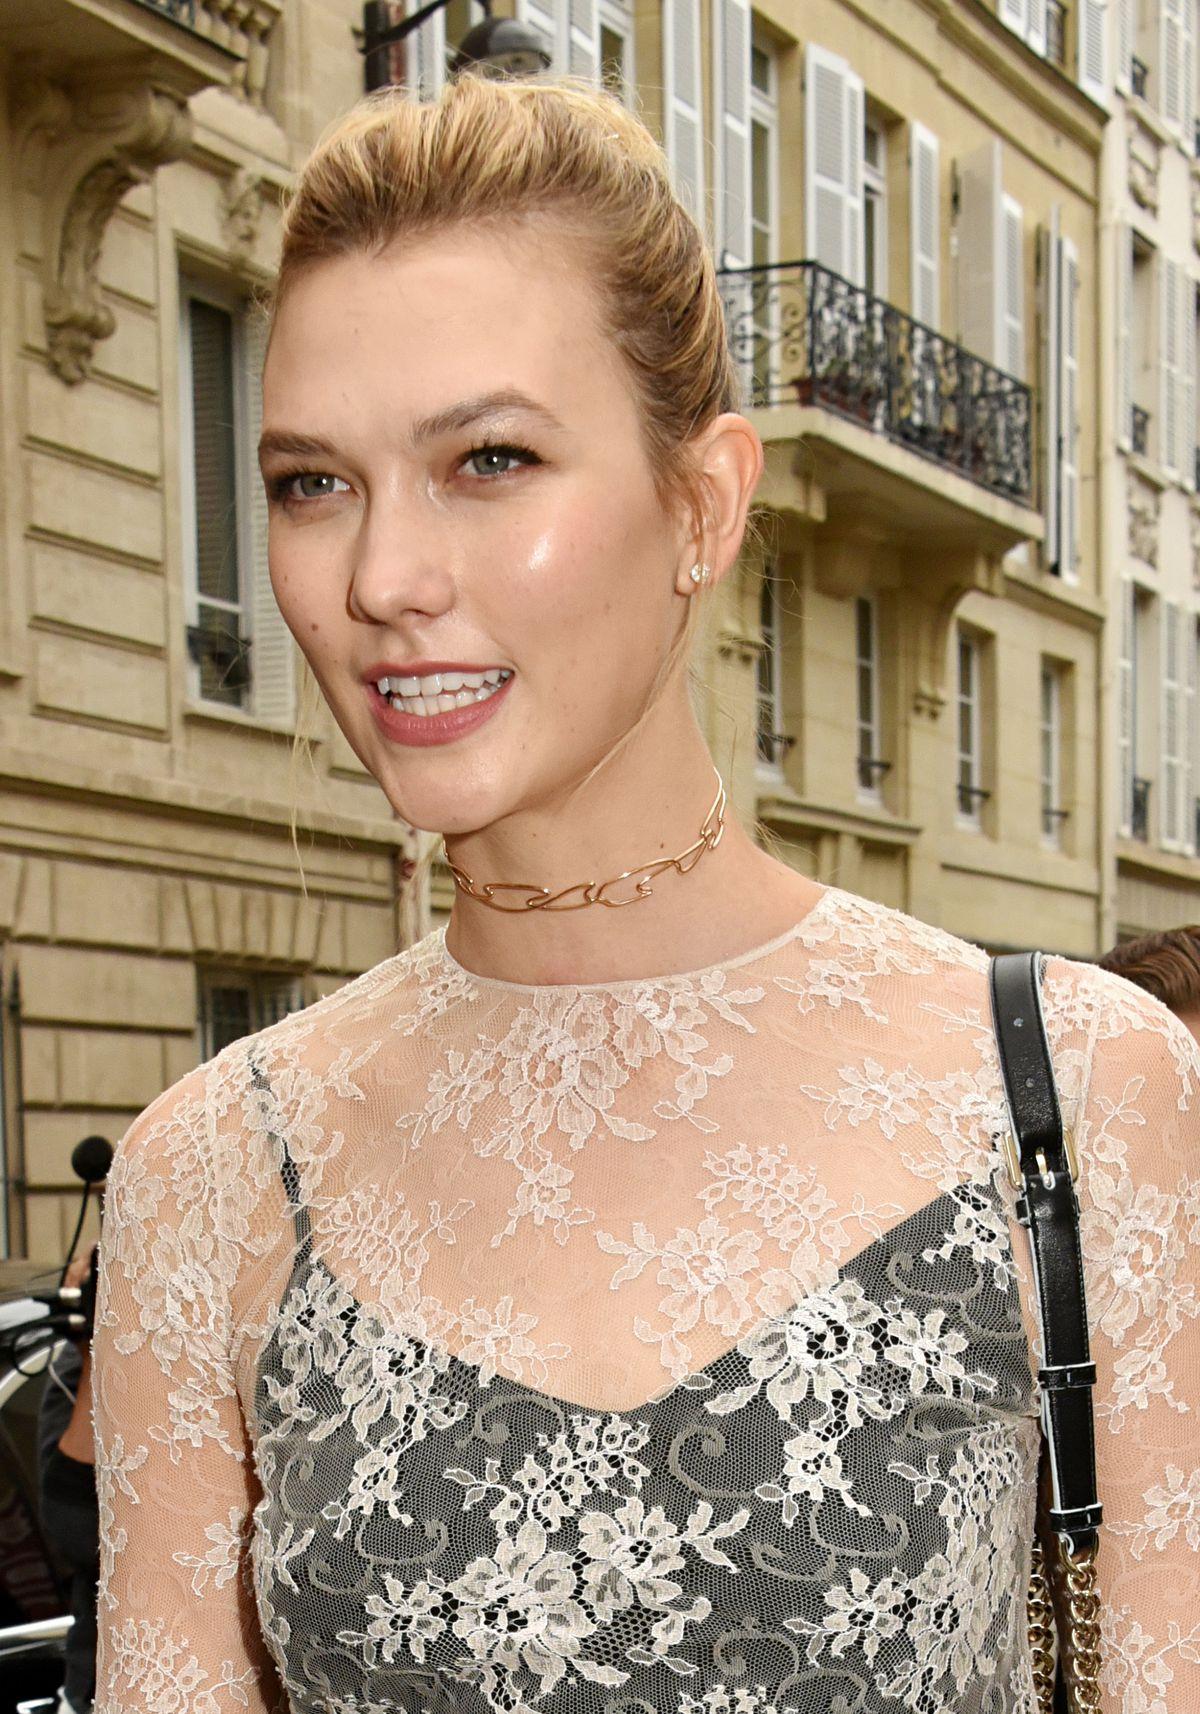 Karlie Kloss wearing a choker necklace.